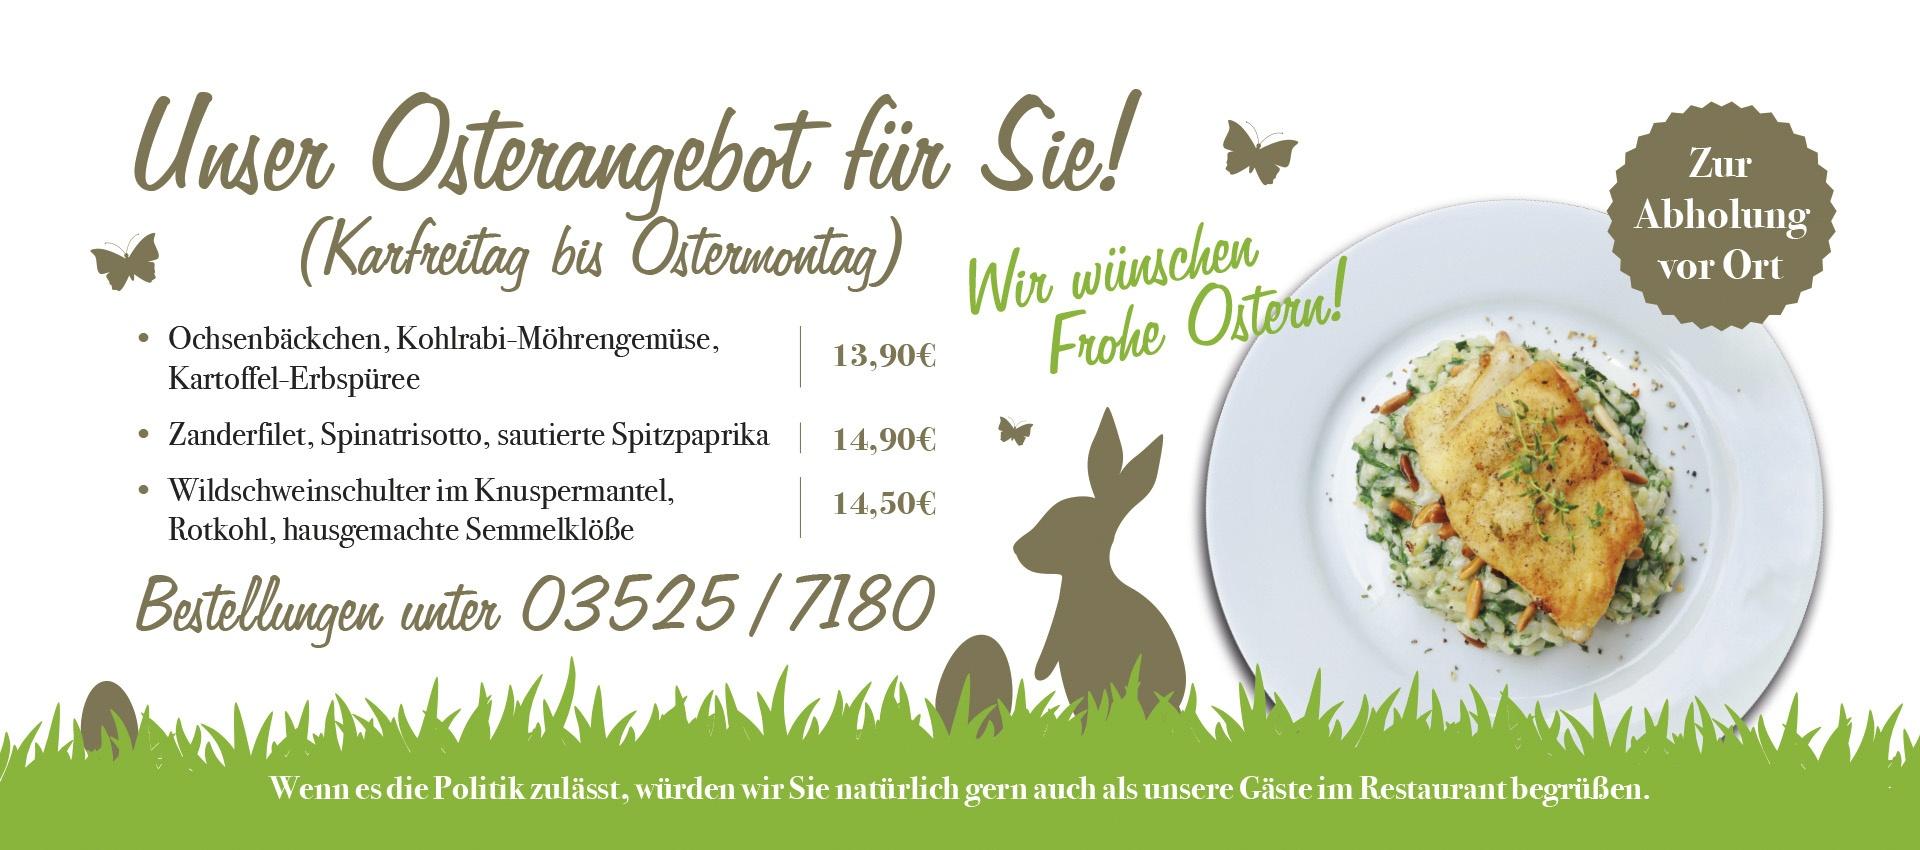 website_Wettiner-Hof_Anzeigen_Ostern-2021_1920x850